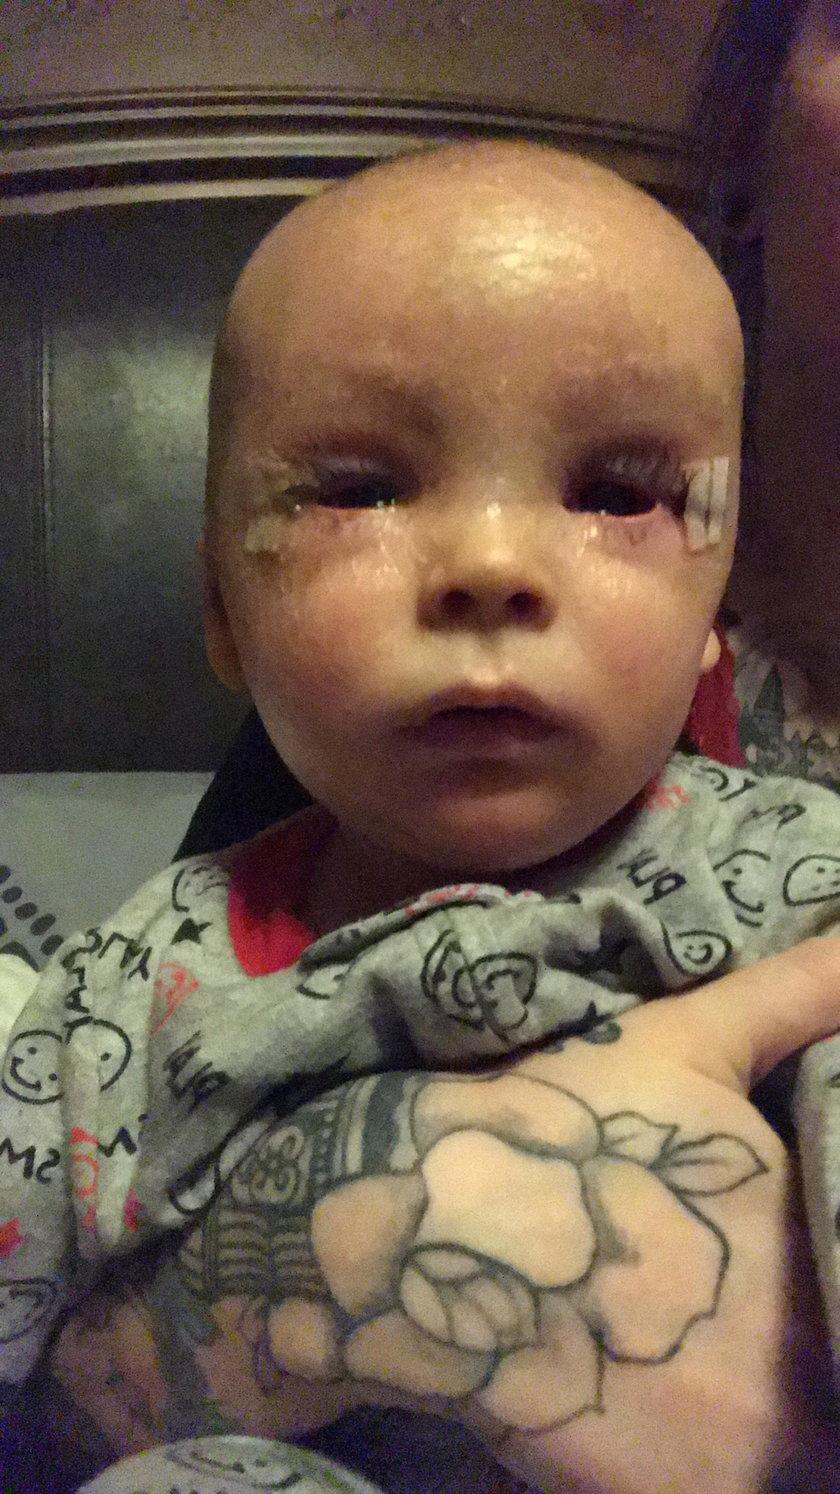 Synek  Shai-Anne Sifford jest bardzo chory. Matka leczy go olejem z marihuany